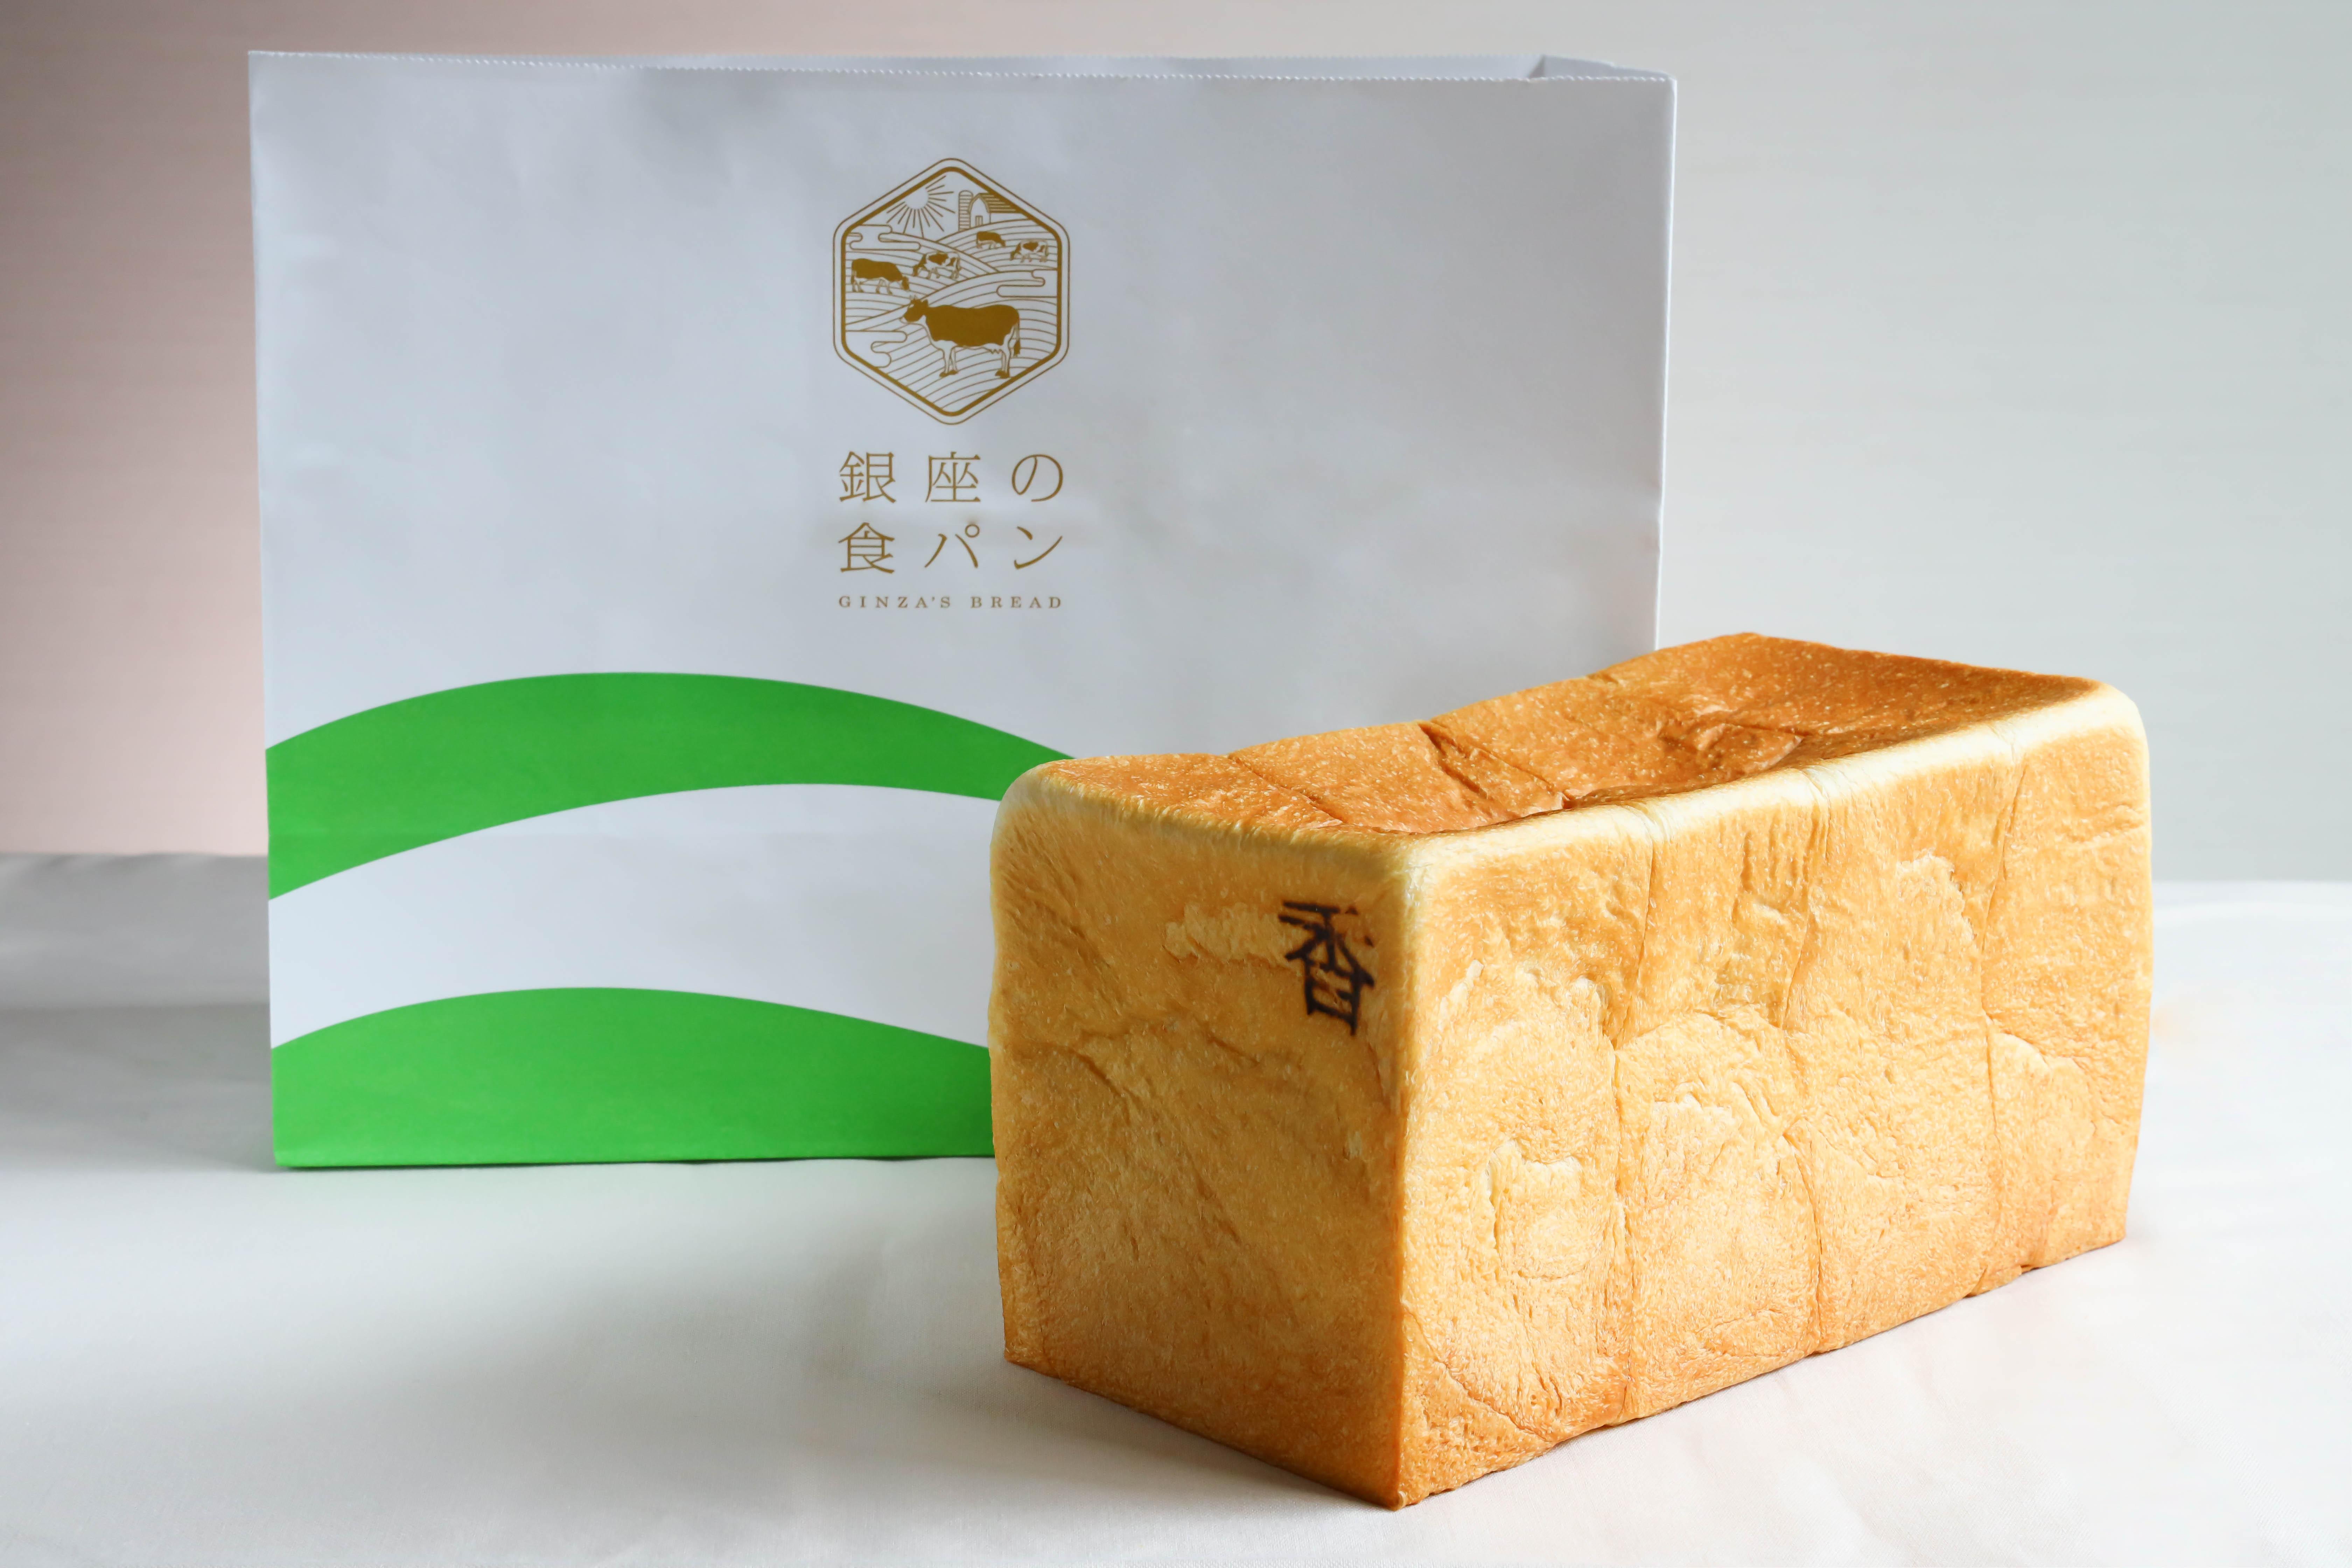 銀座の食パン 香